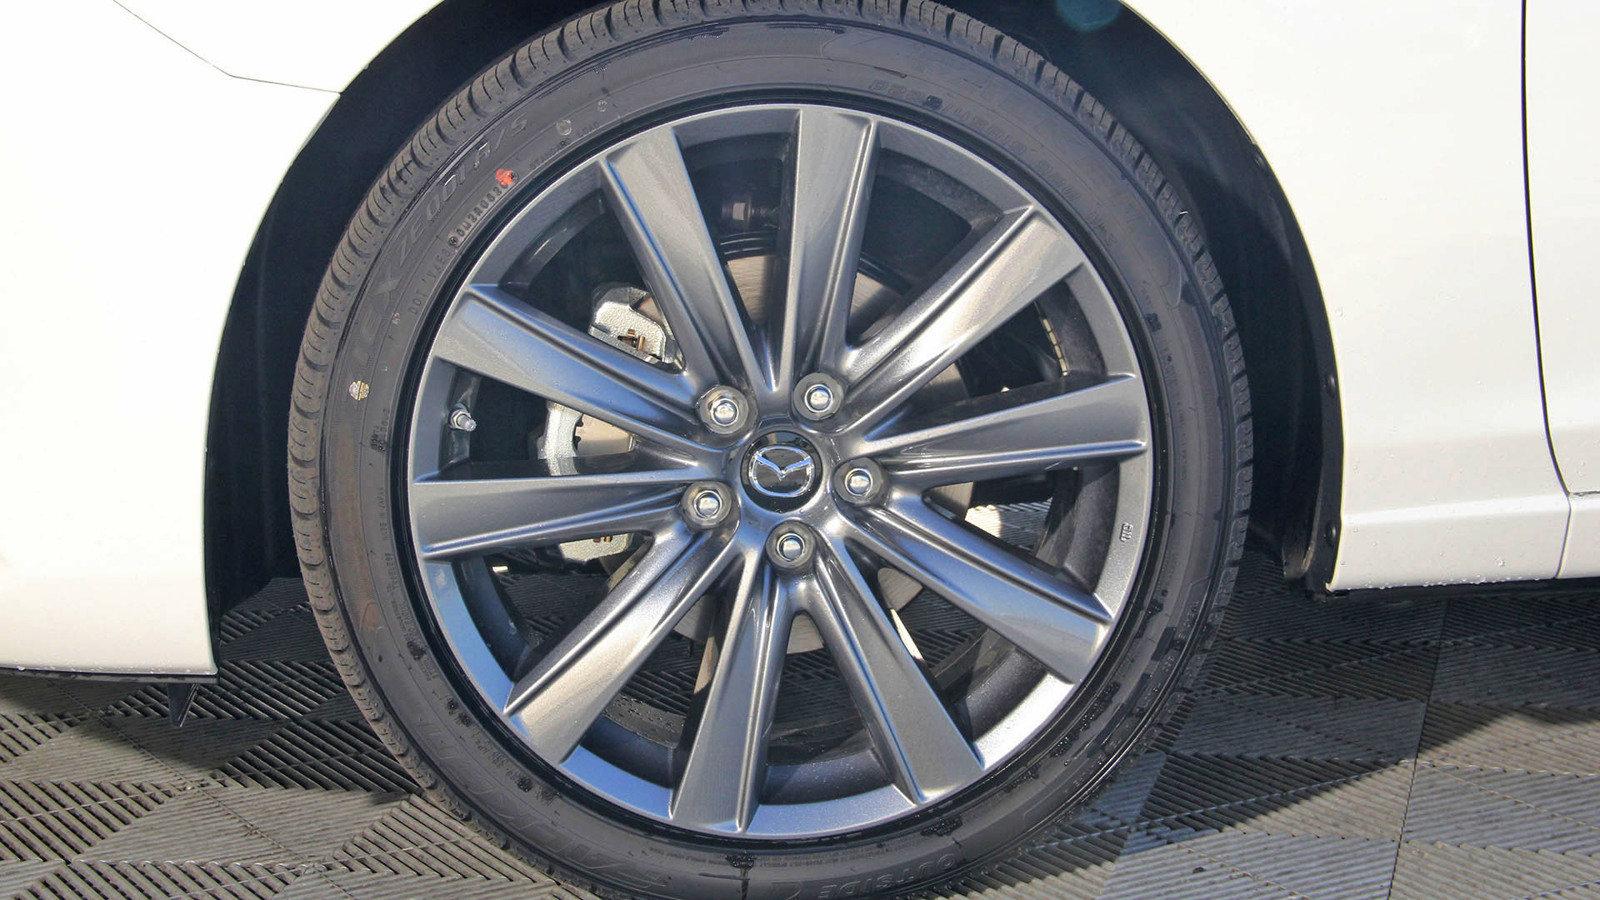 New 2020 Mazda6 Touring